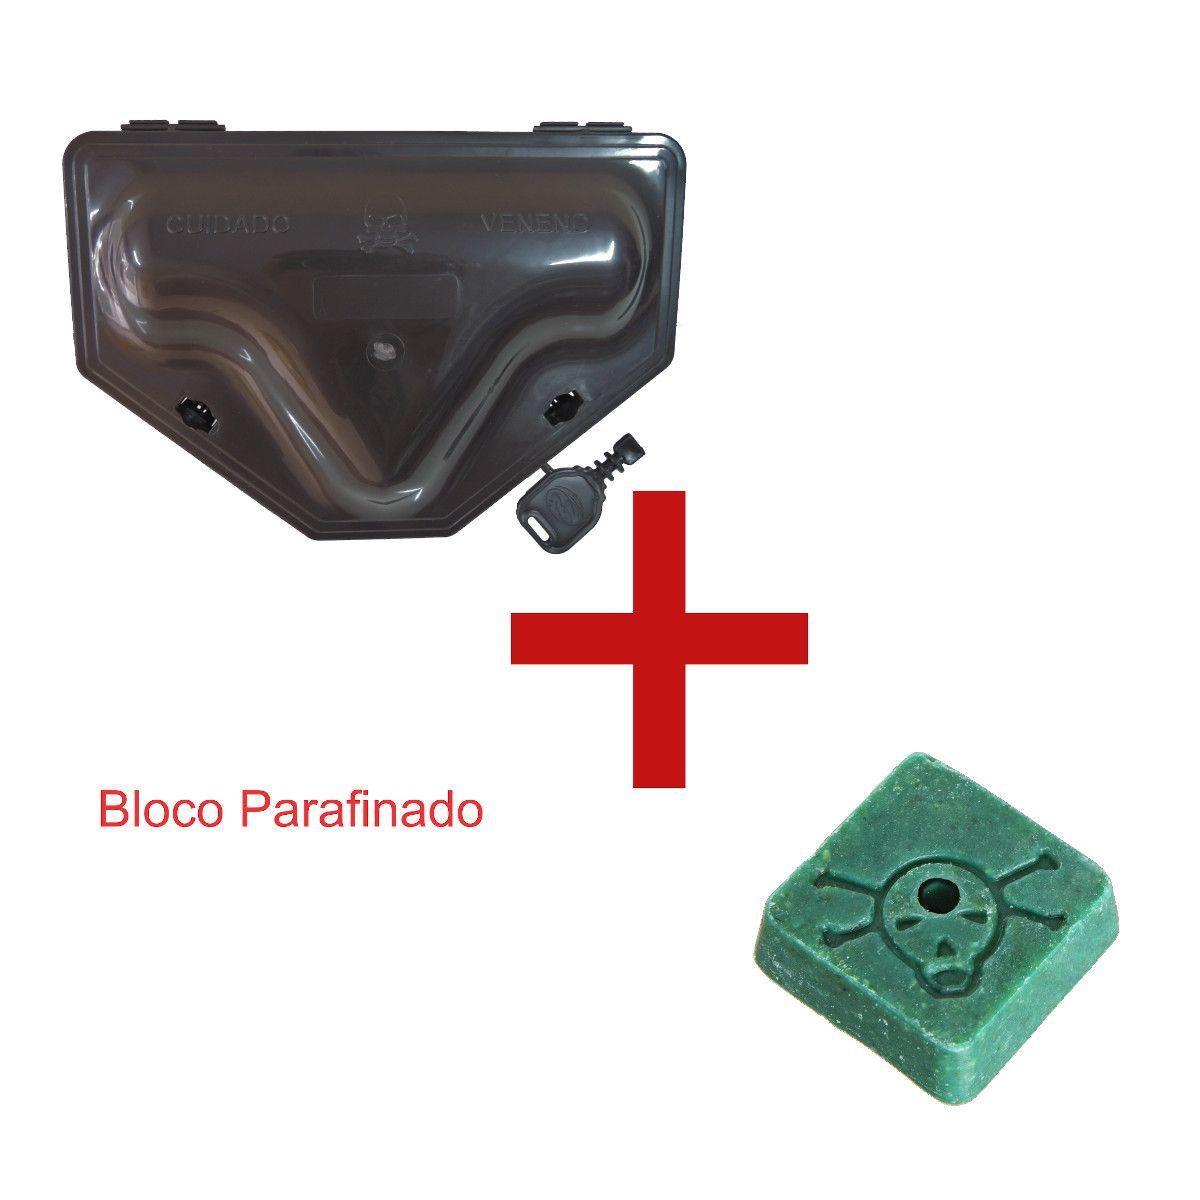 43 Porta Iscas C/ Duplo Travamento + 43 Bloco Parafinado